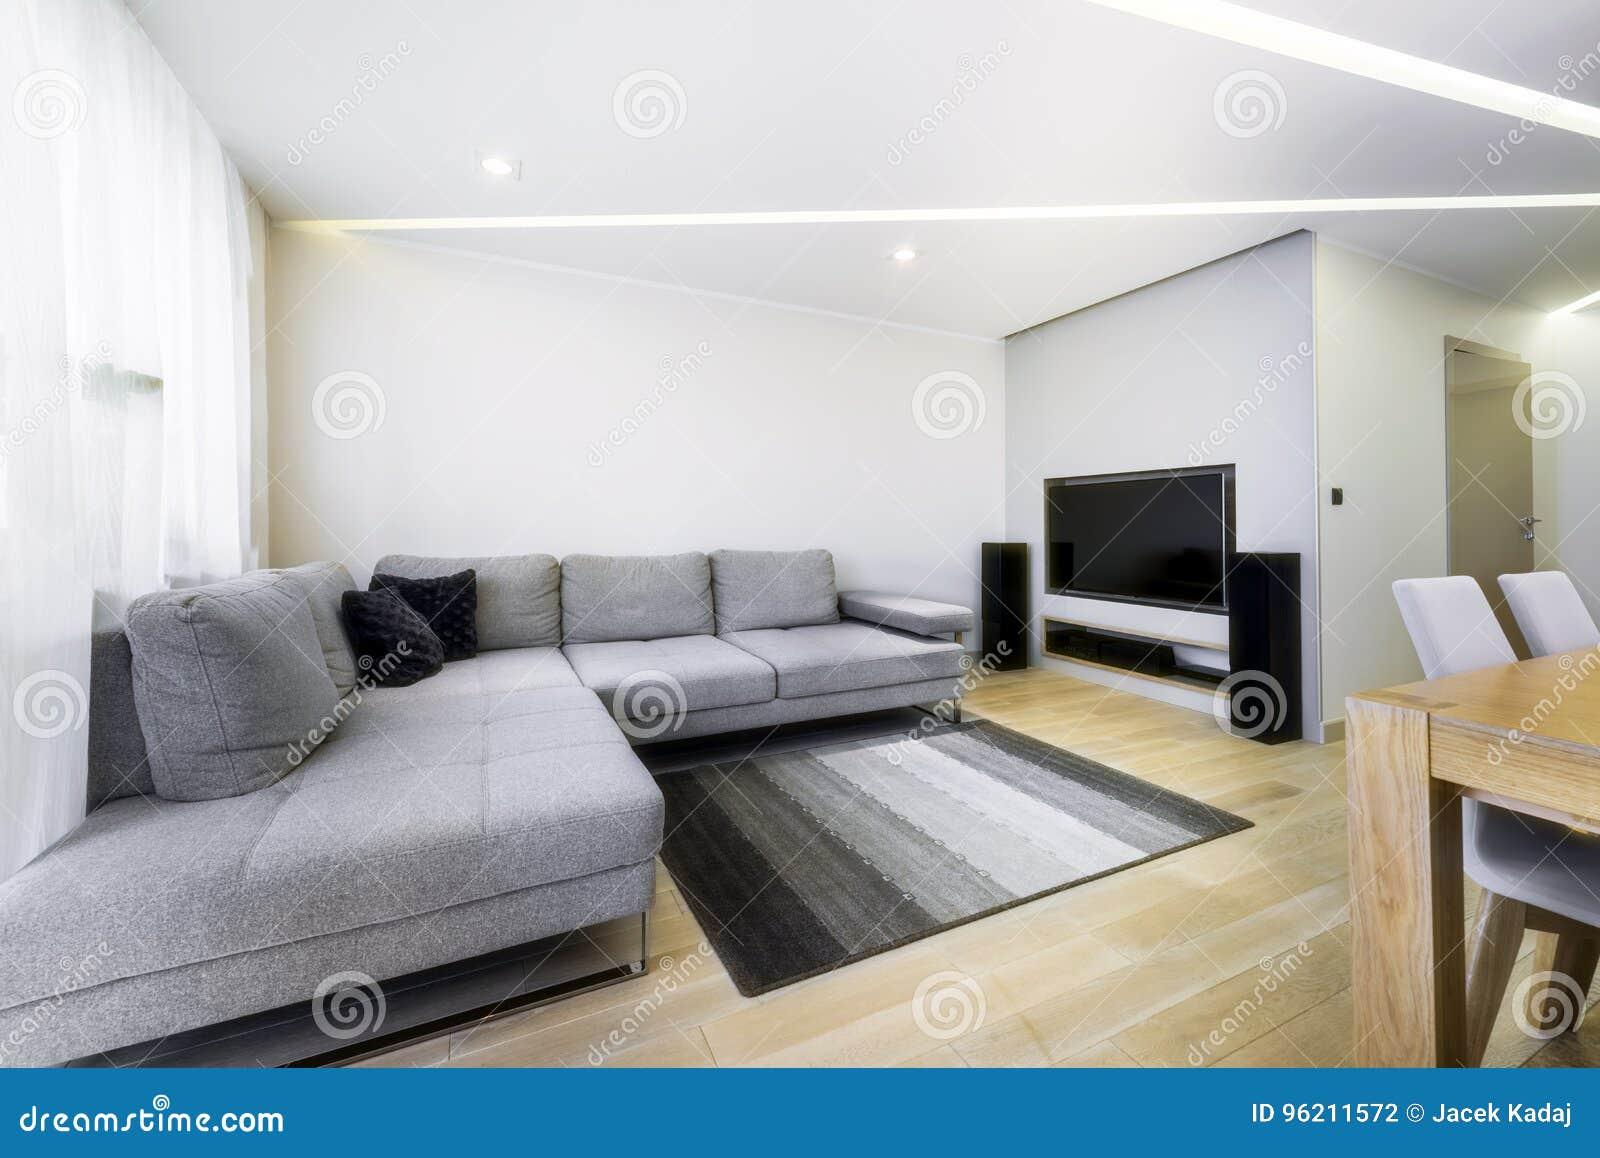 modernes interieur design farben, modernes, stilvolles wohnzimmer in der grauen farbe stockfoto - bild, Design ideen